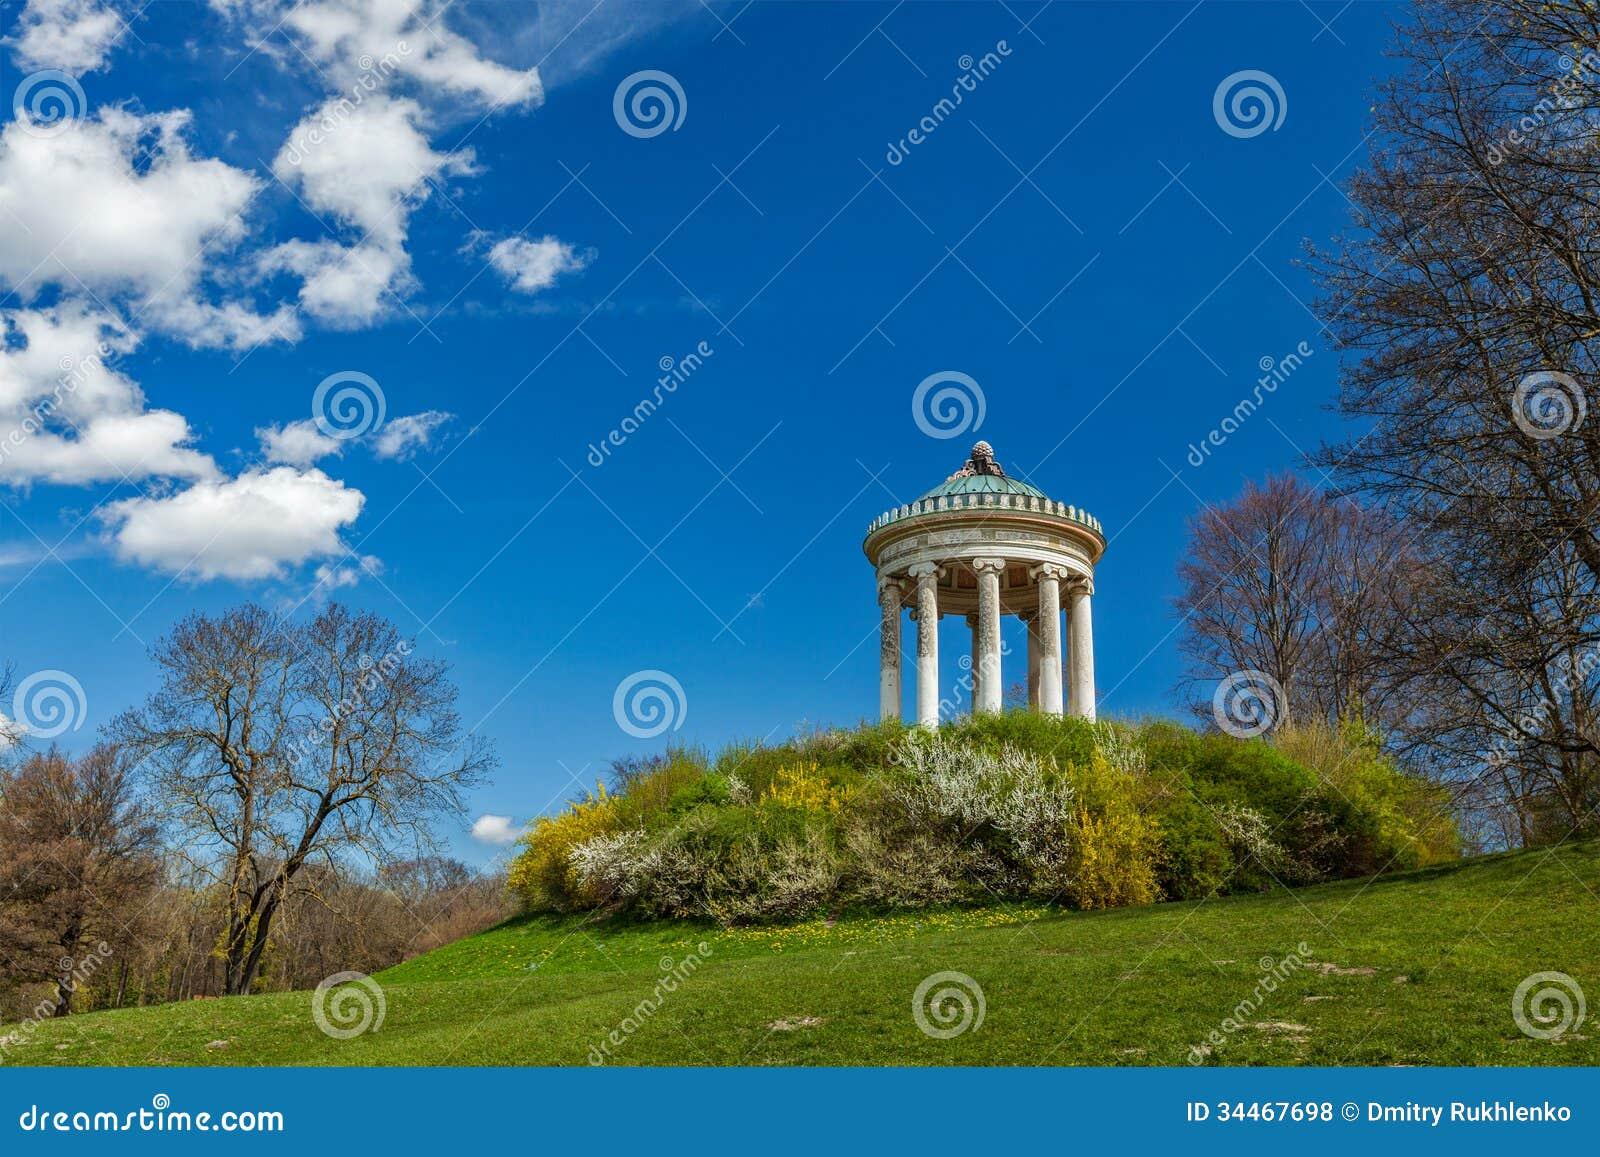 Englischer Garten. Munich, Alemania